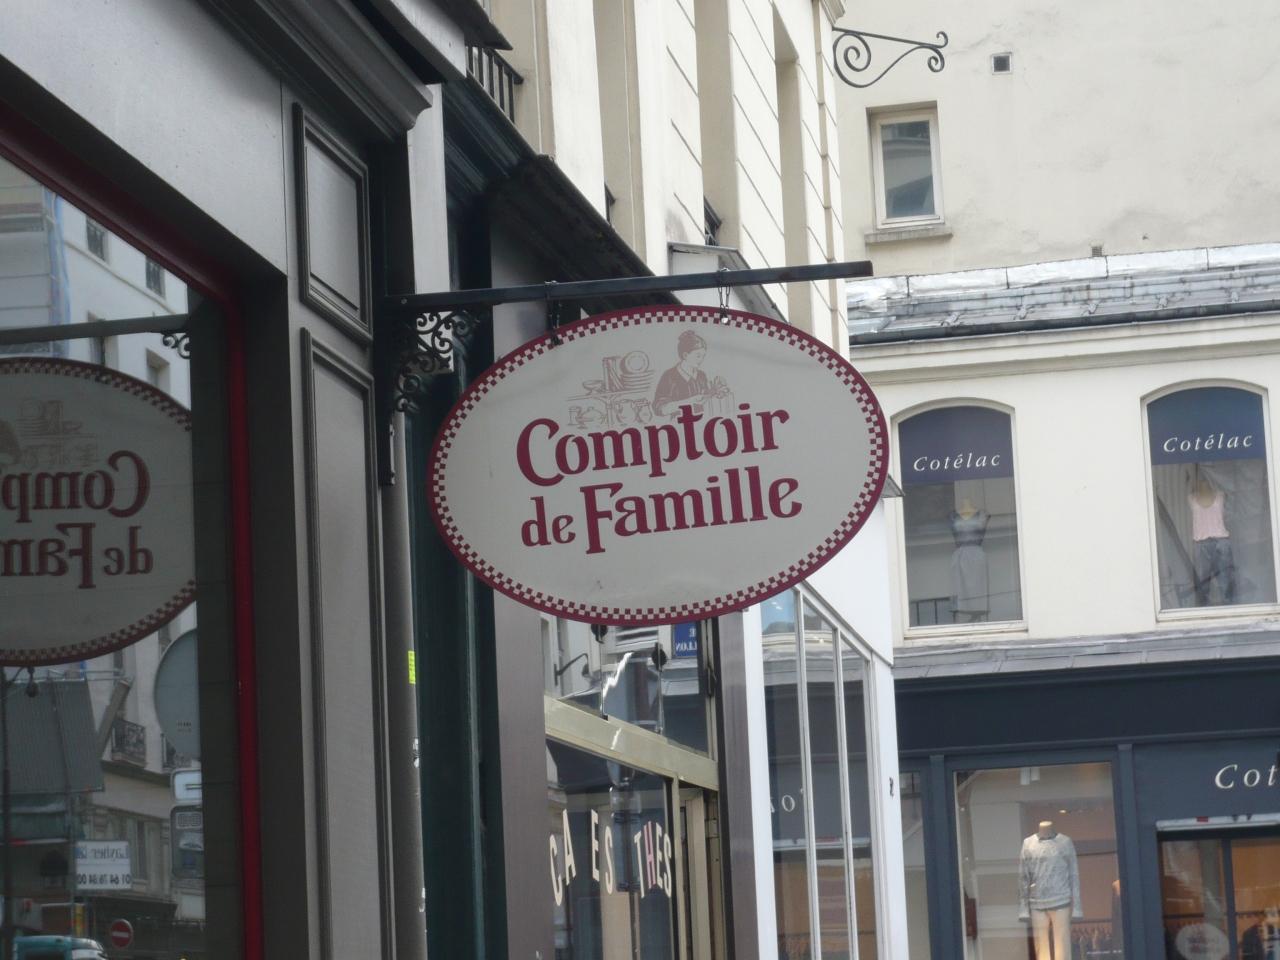 Comptoir de famille saint sulpice - Comptoir de famille online shop ...